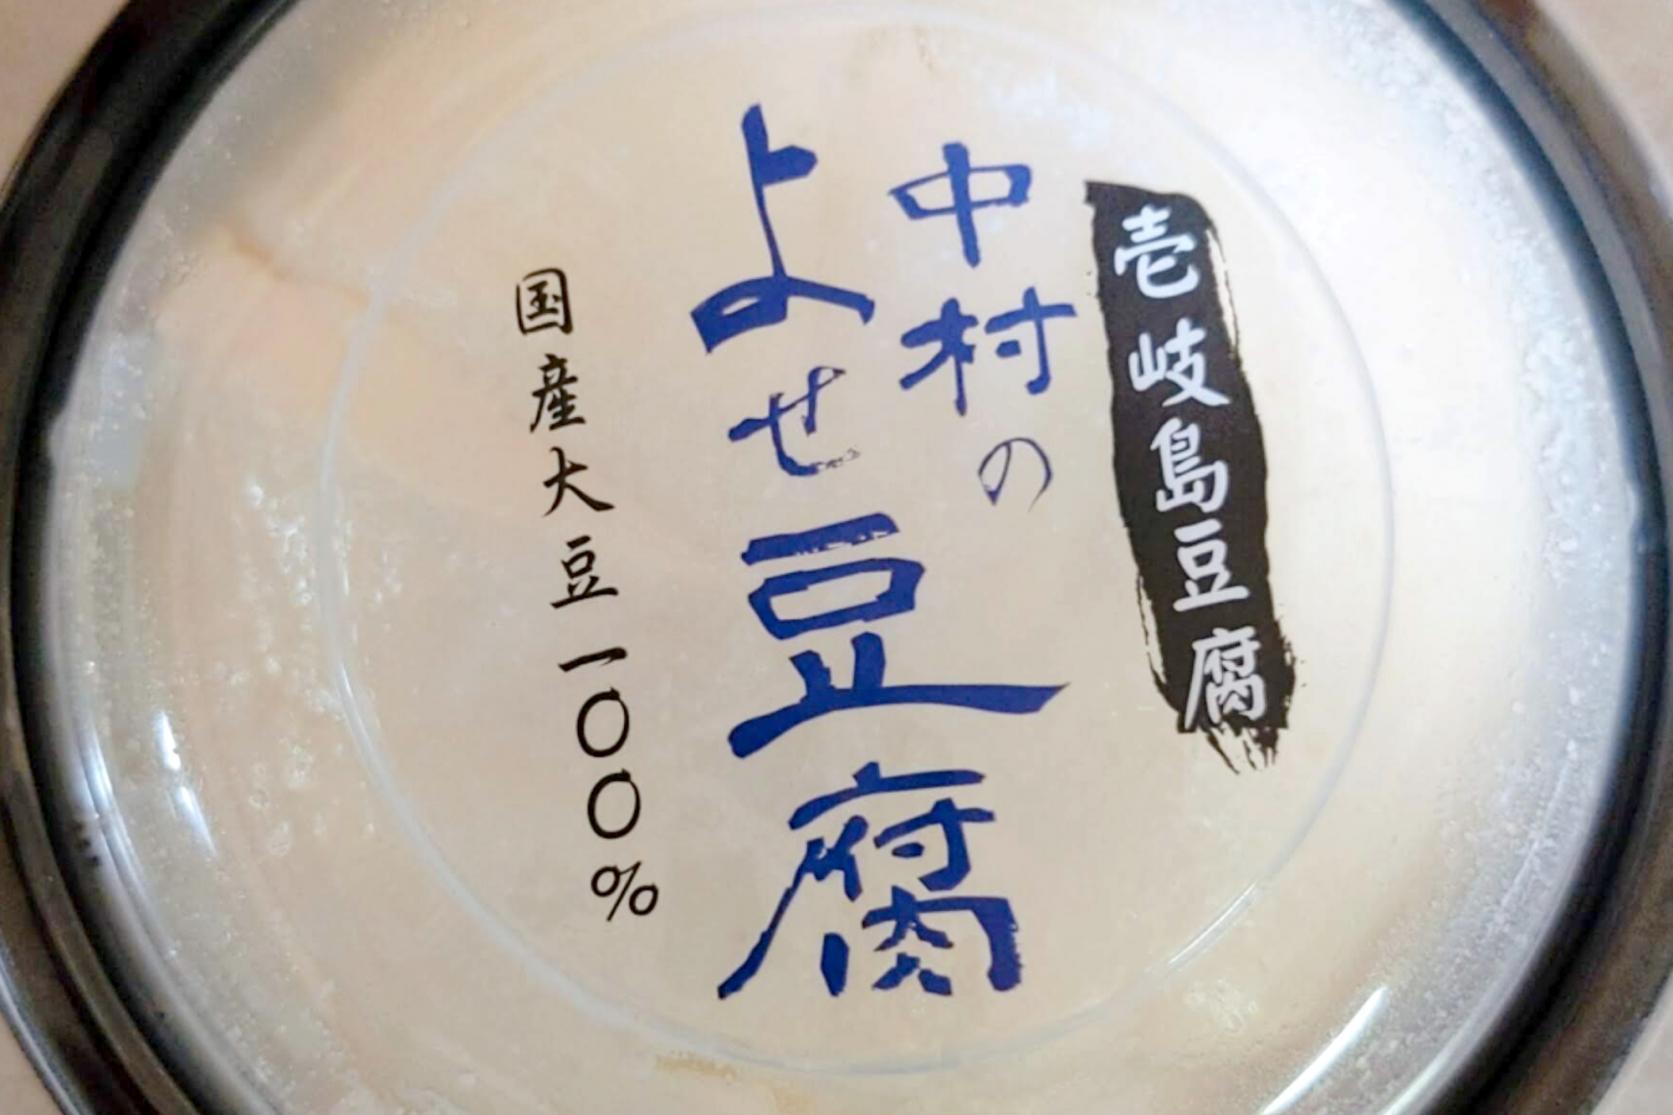 伝統の製法でこだわりの豆腐を作り続ける「中村たんぱく」-1